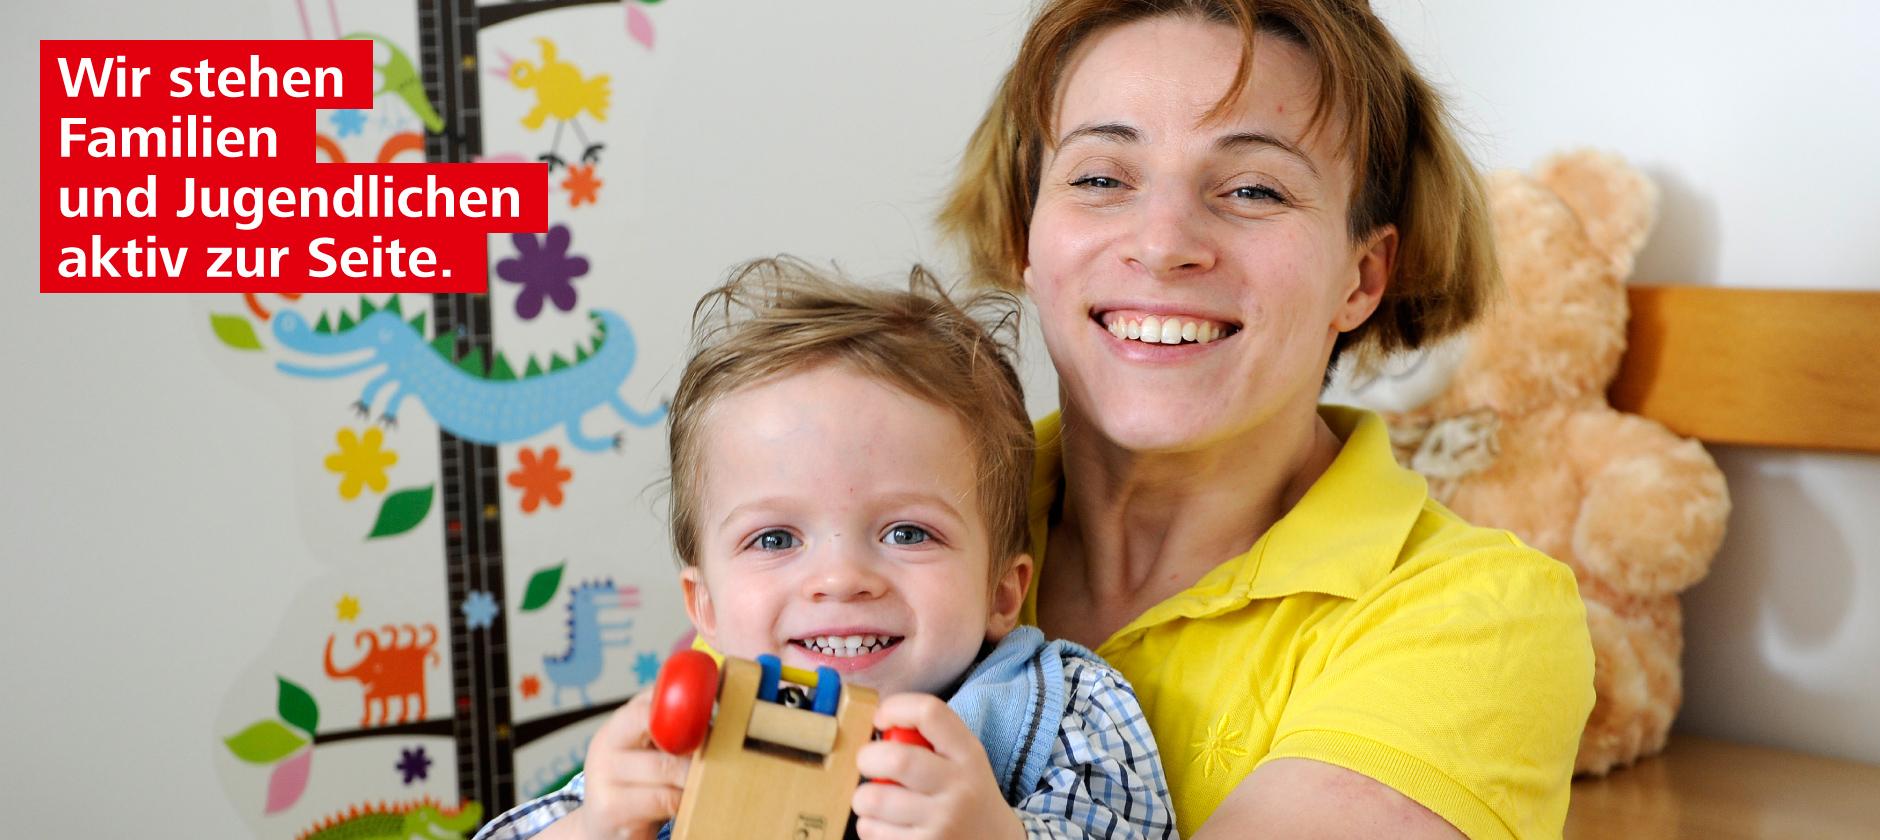 Kinder-, Jugend- und Familienhilfe